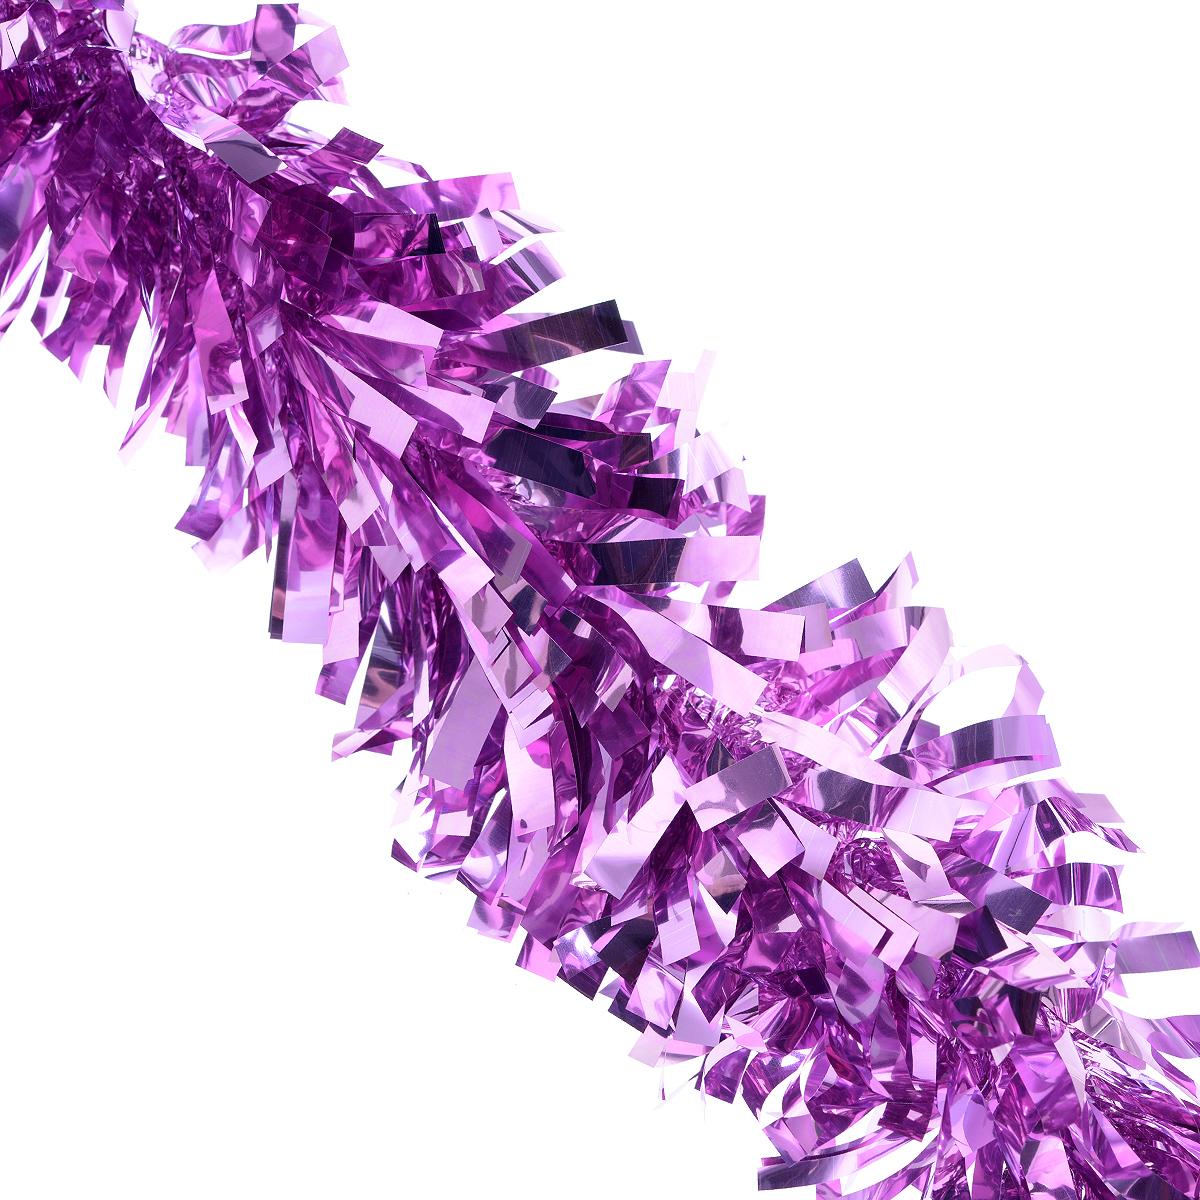 Мишура новогодняя Феникс-презент Magic Time, цвет: сиренево-розовый, диаметр 9 см, длина 200 см. 38188ЕХ 11028Мишура новогодняя Феникс-презент Magic Time, выполненная из ПЭТ (полиэтилентерефталата), поможет вам украсить свой дом к предстоящим праздникам. Мишура армирована, то есть имеет проволоку внутри и способна сохранять приданную ей форму. Новогодняя елка с таким украшением станет еще наряднее. Новогодней мишурой можно украсить все, что угодно - елку, квартиру, дачу, офис -как внутри, так и снаружи. Можно сложить новогодние поздравления, буквы и цифры,мишурой можно украсить и дополнить гирлянды, можно выделить дверные колонны,оплести дверные проемы.